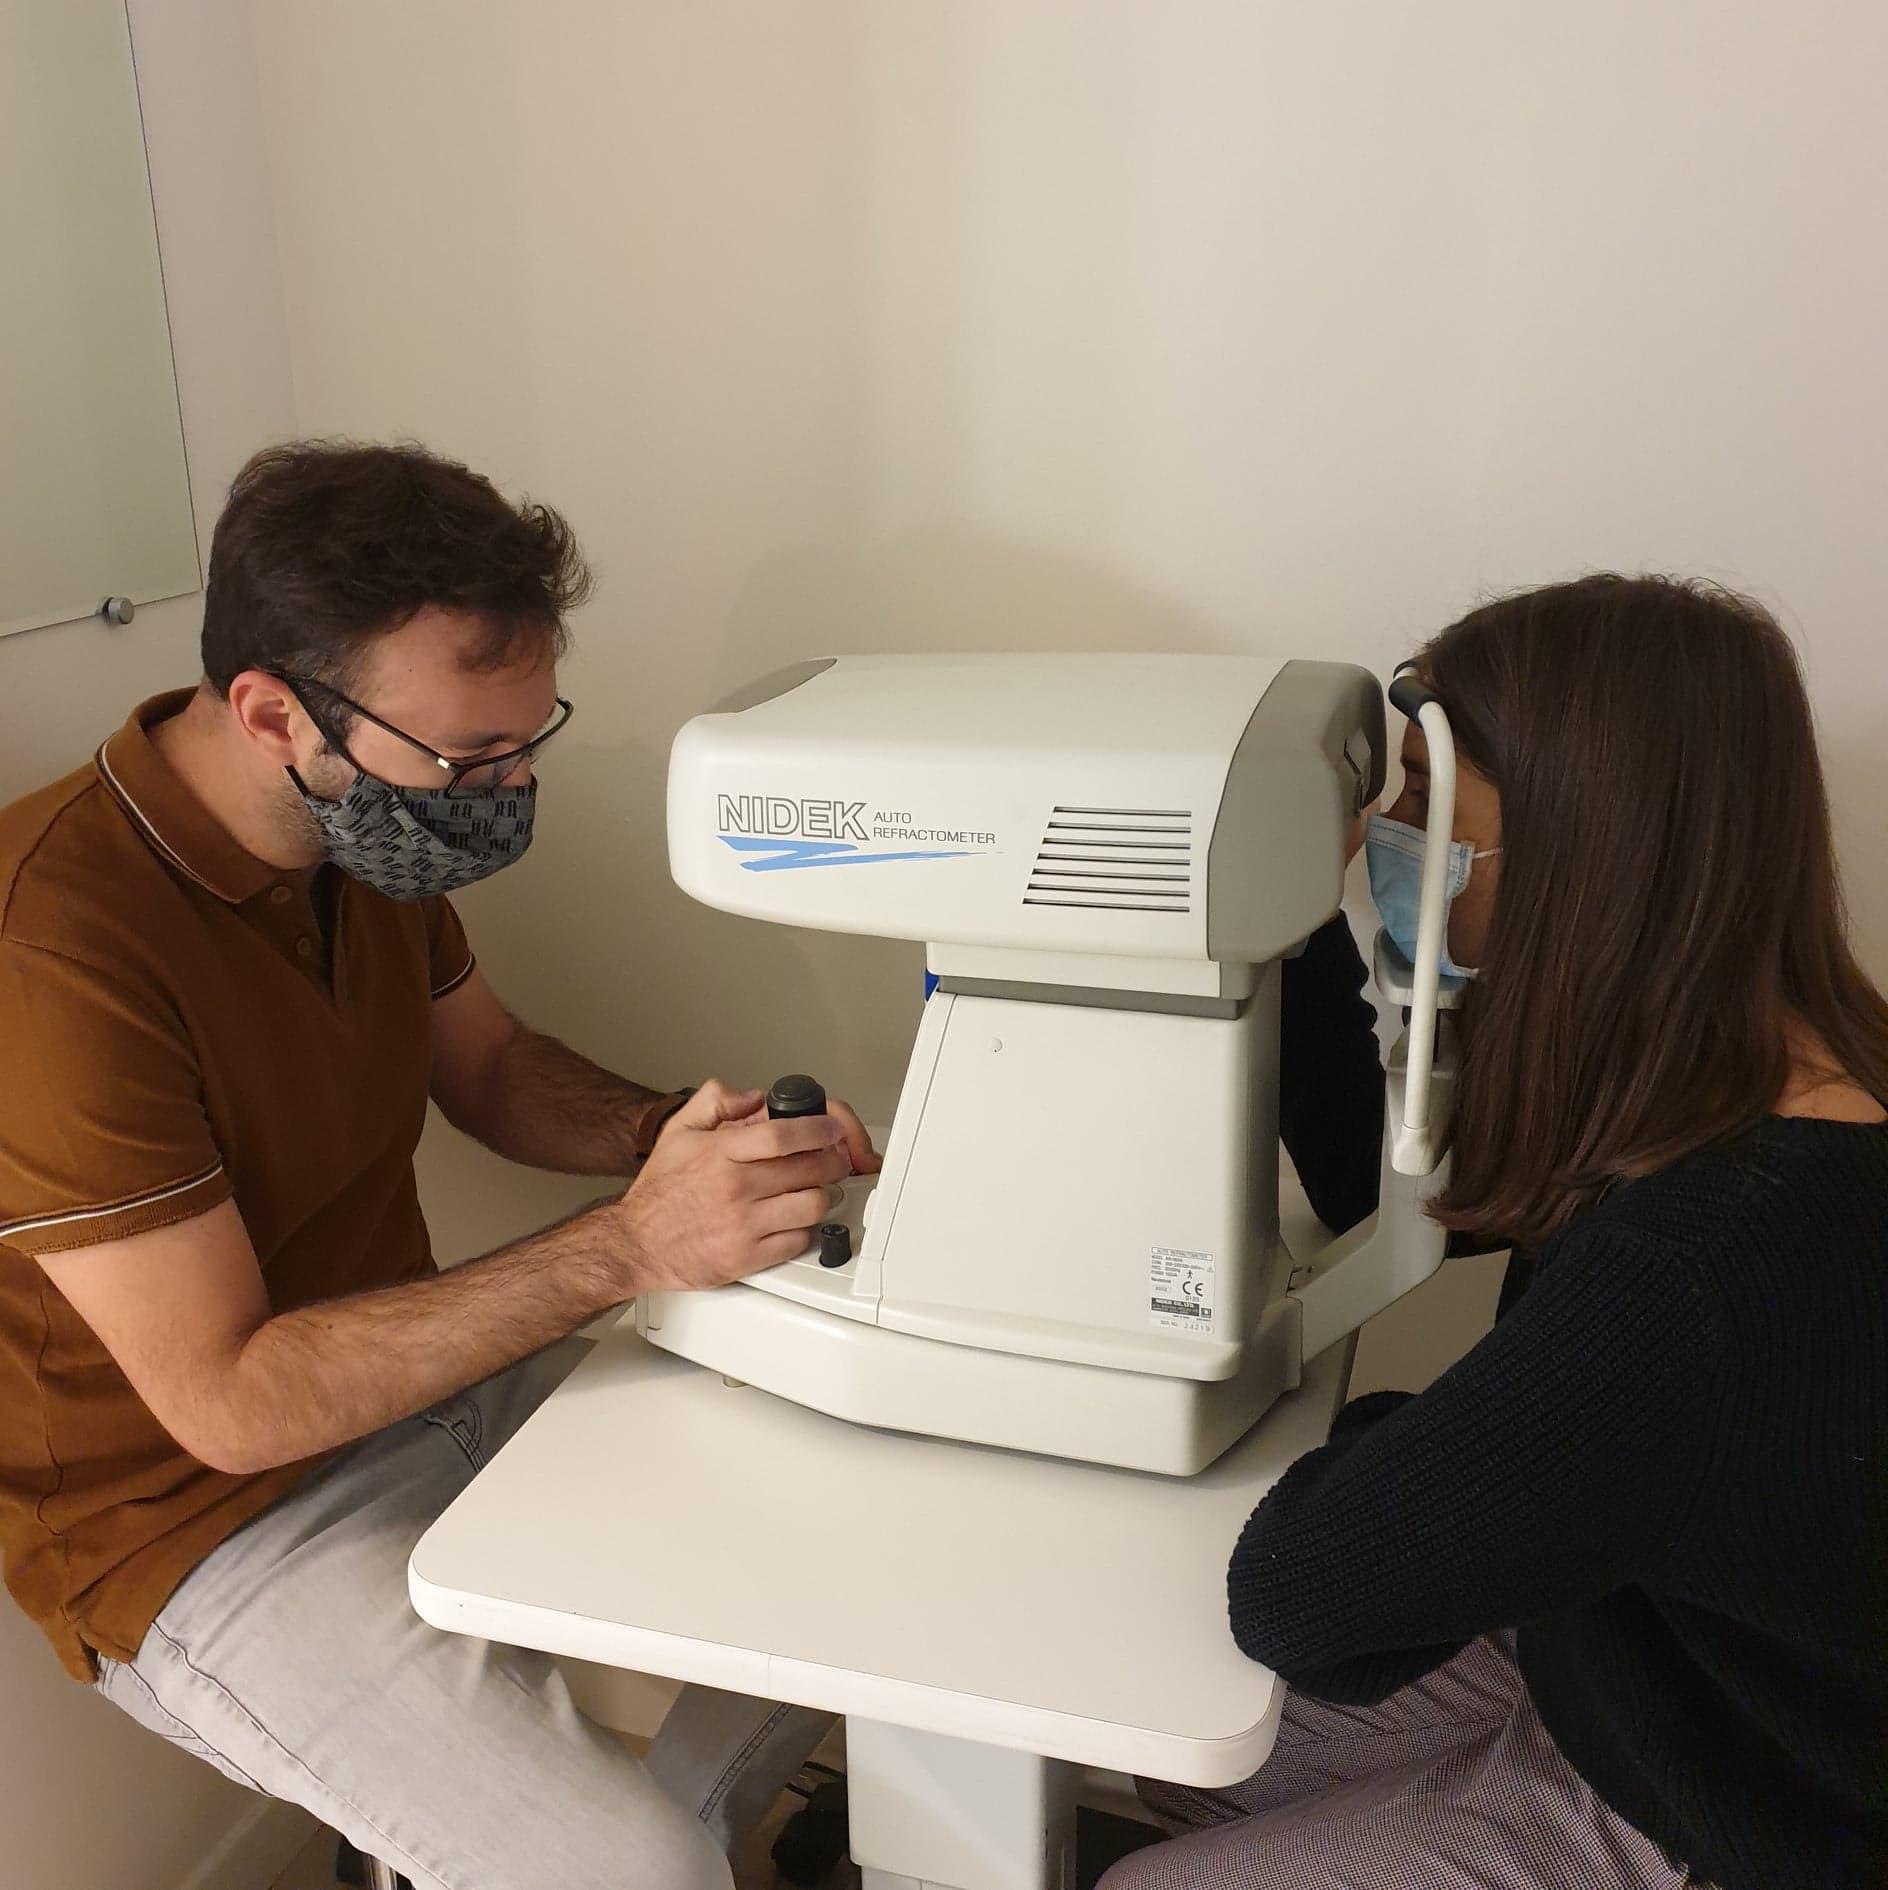 refraction lunettes test de vue masques nidek technologie